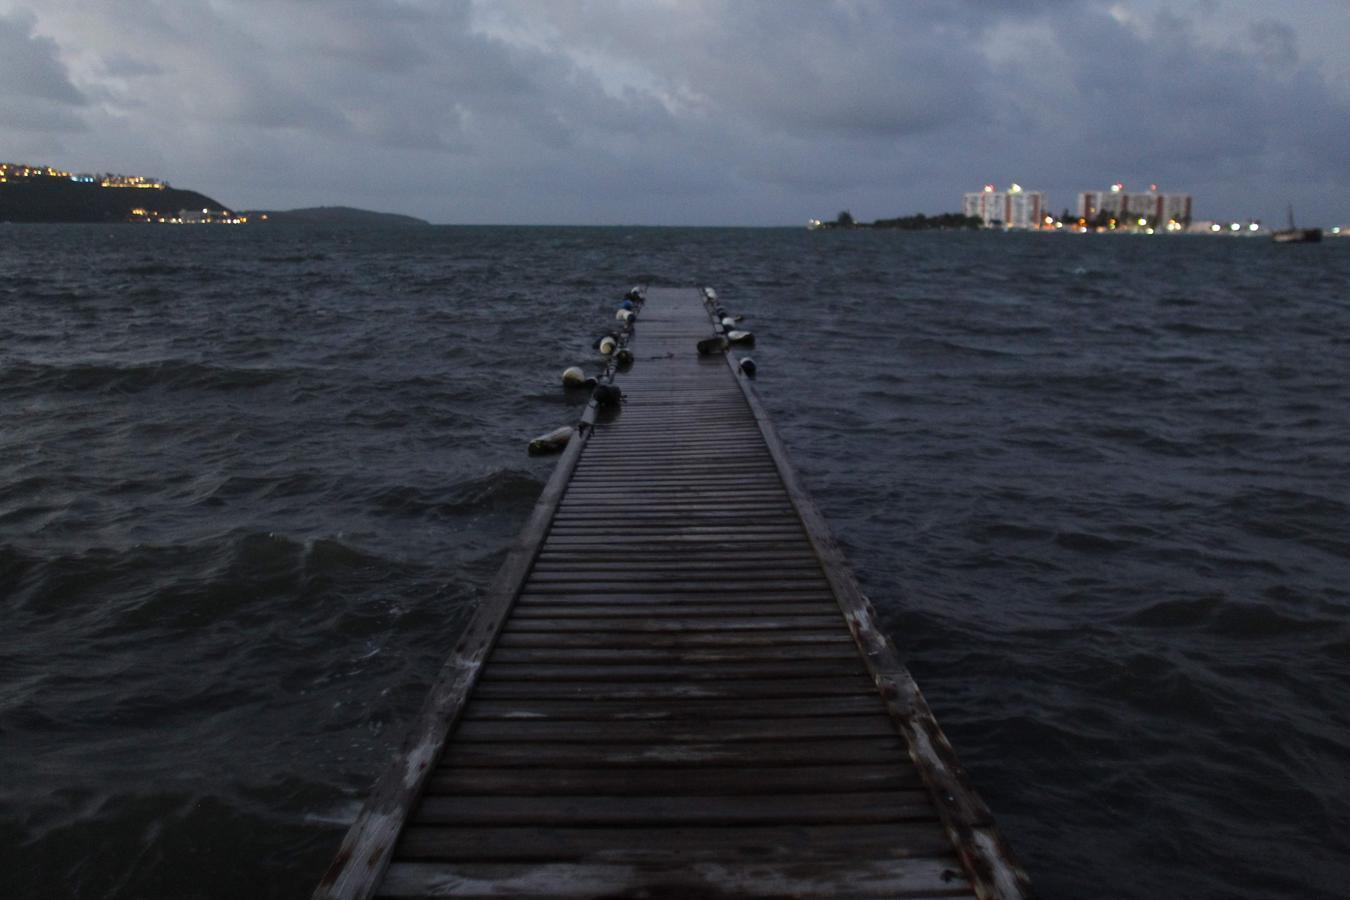 En imágenes: Estados Unidos y el Caribe, ante el huracán Irma